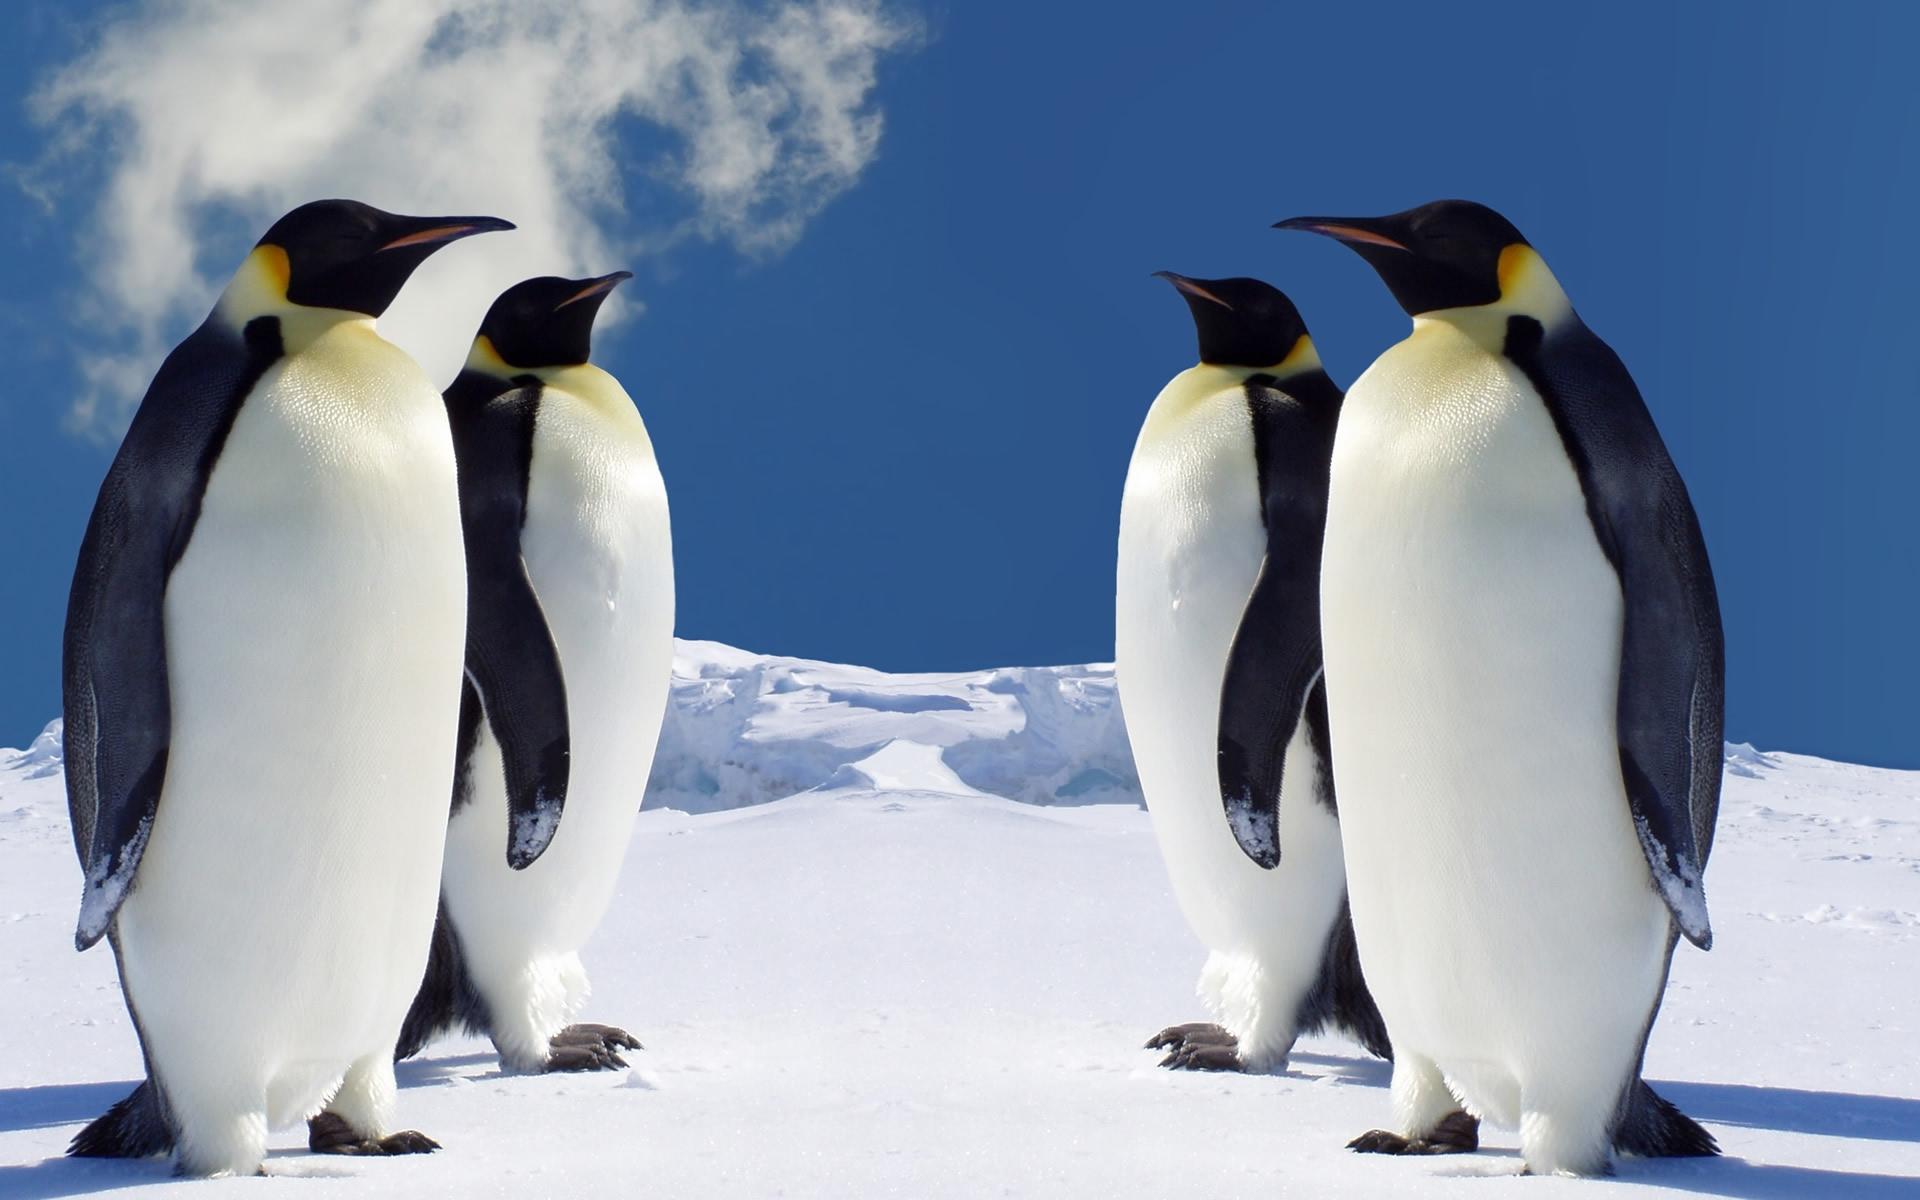 4 King Penguins Wallpaper   Penguins Wallpaper 36797304 1920x1200